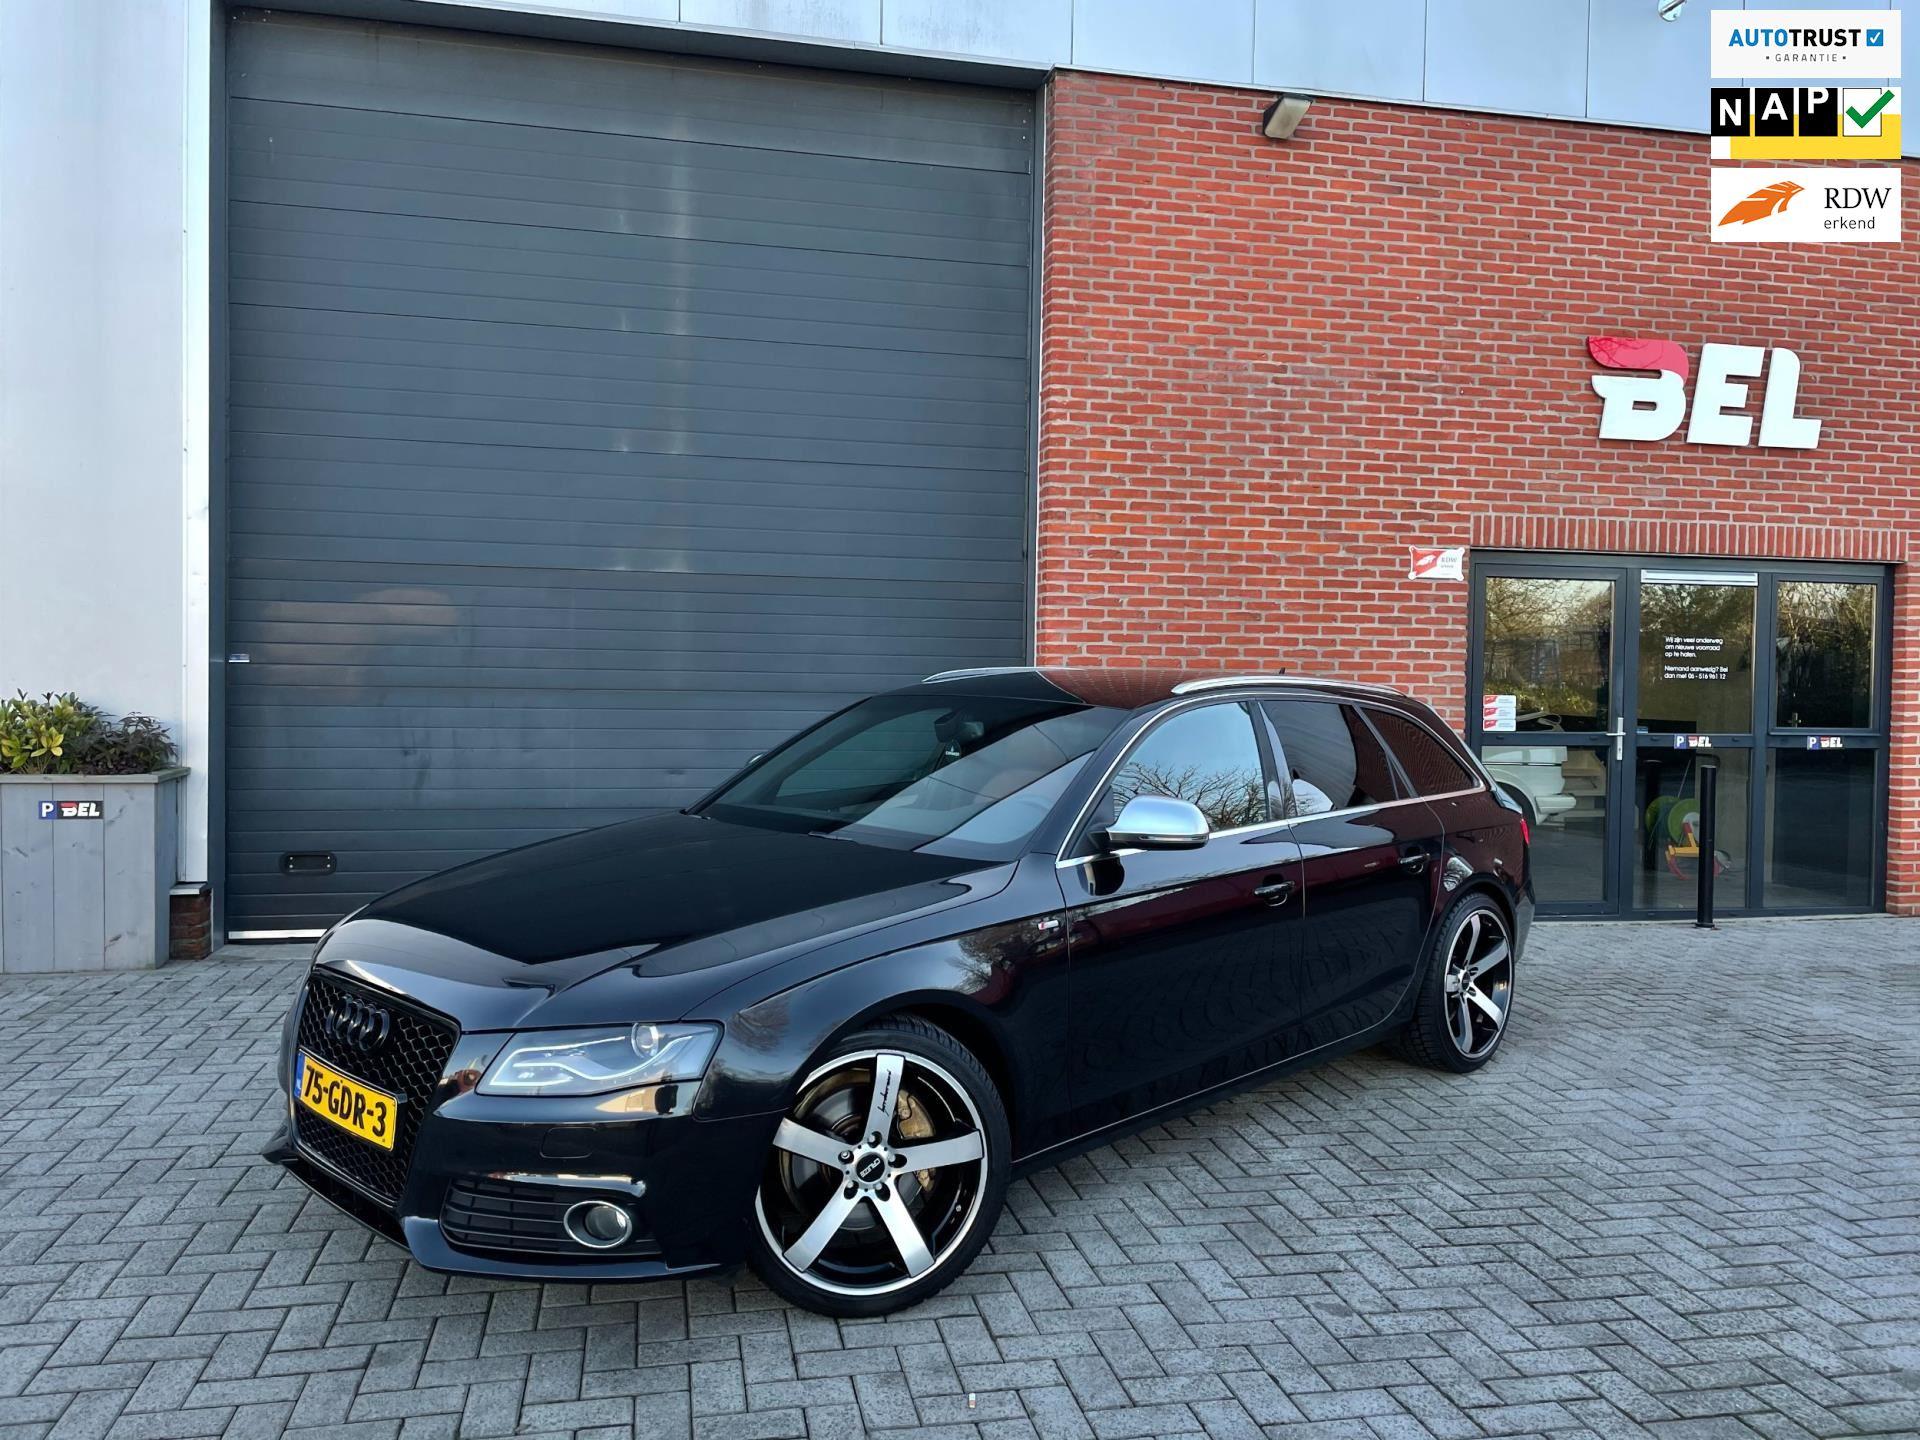 Audi A4 Avant occasion - Bel Auto's